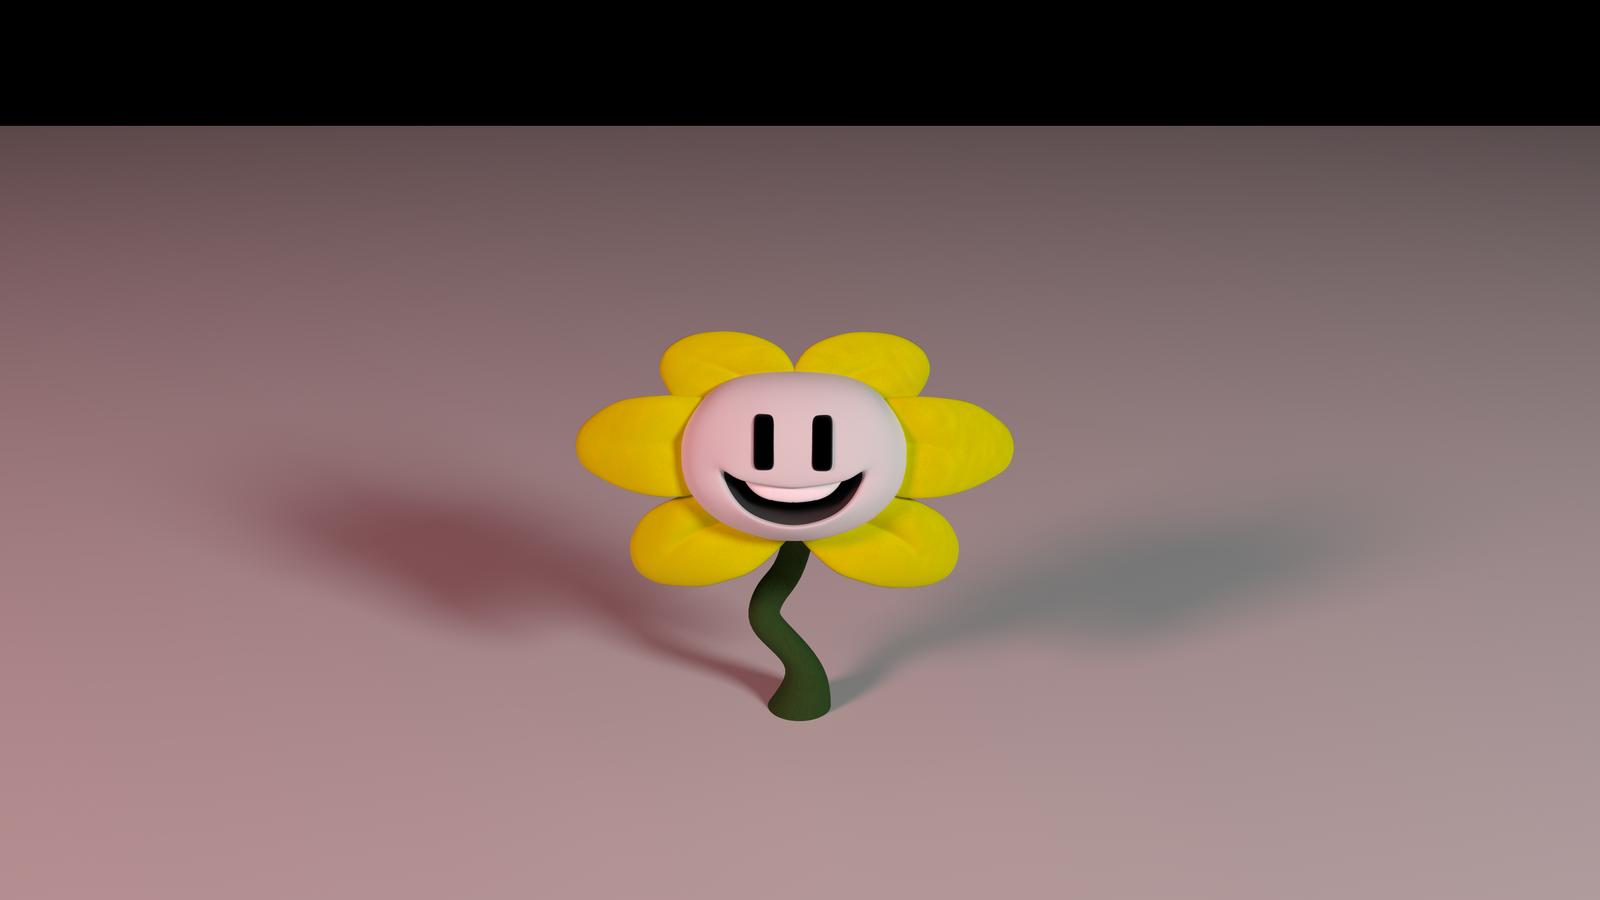 [Blender] Flowey the flower video by Azagwen on DeviantArt